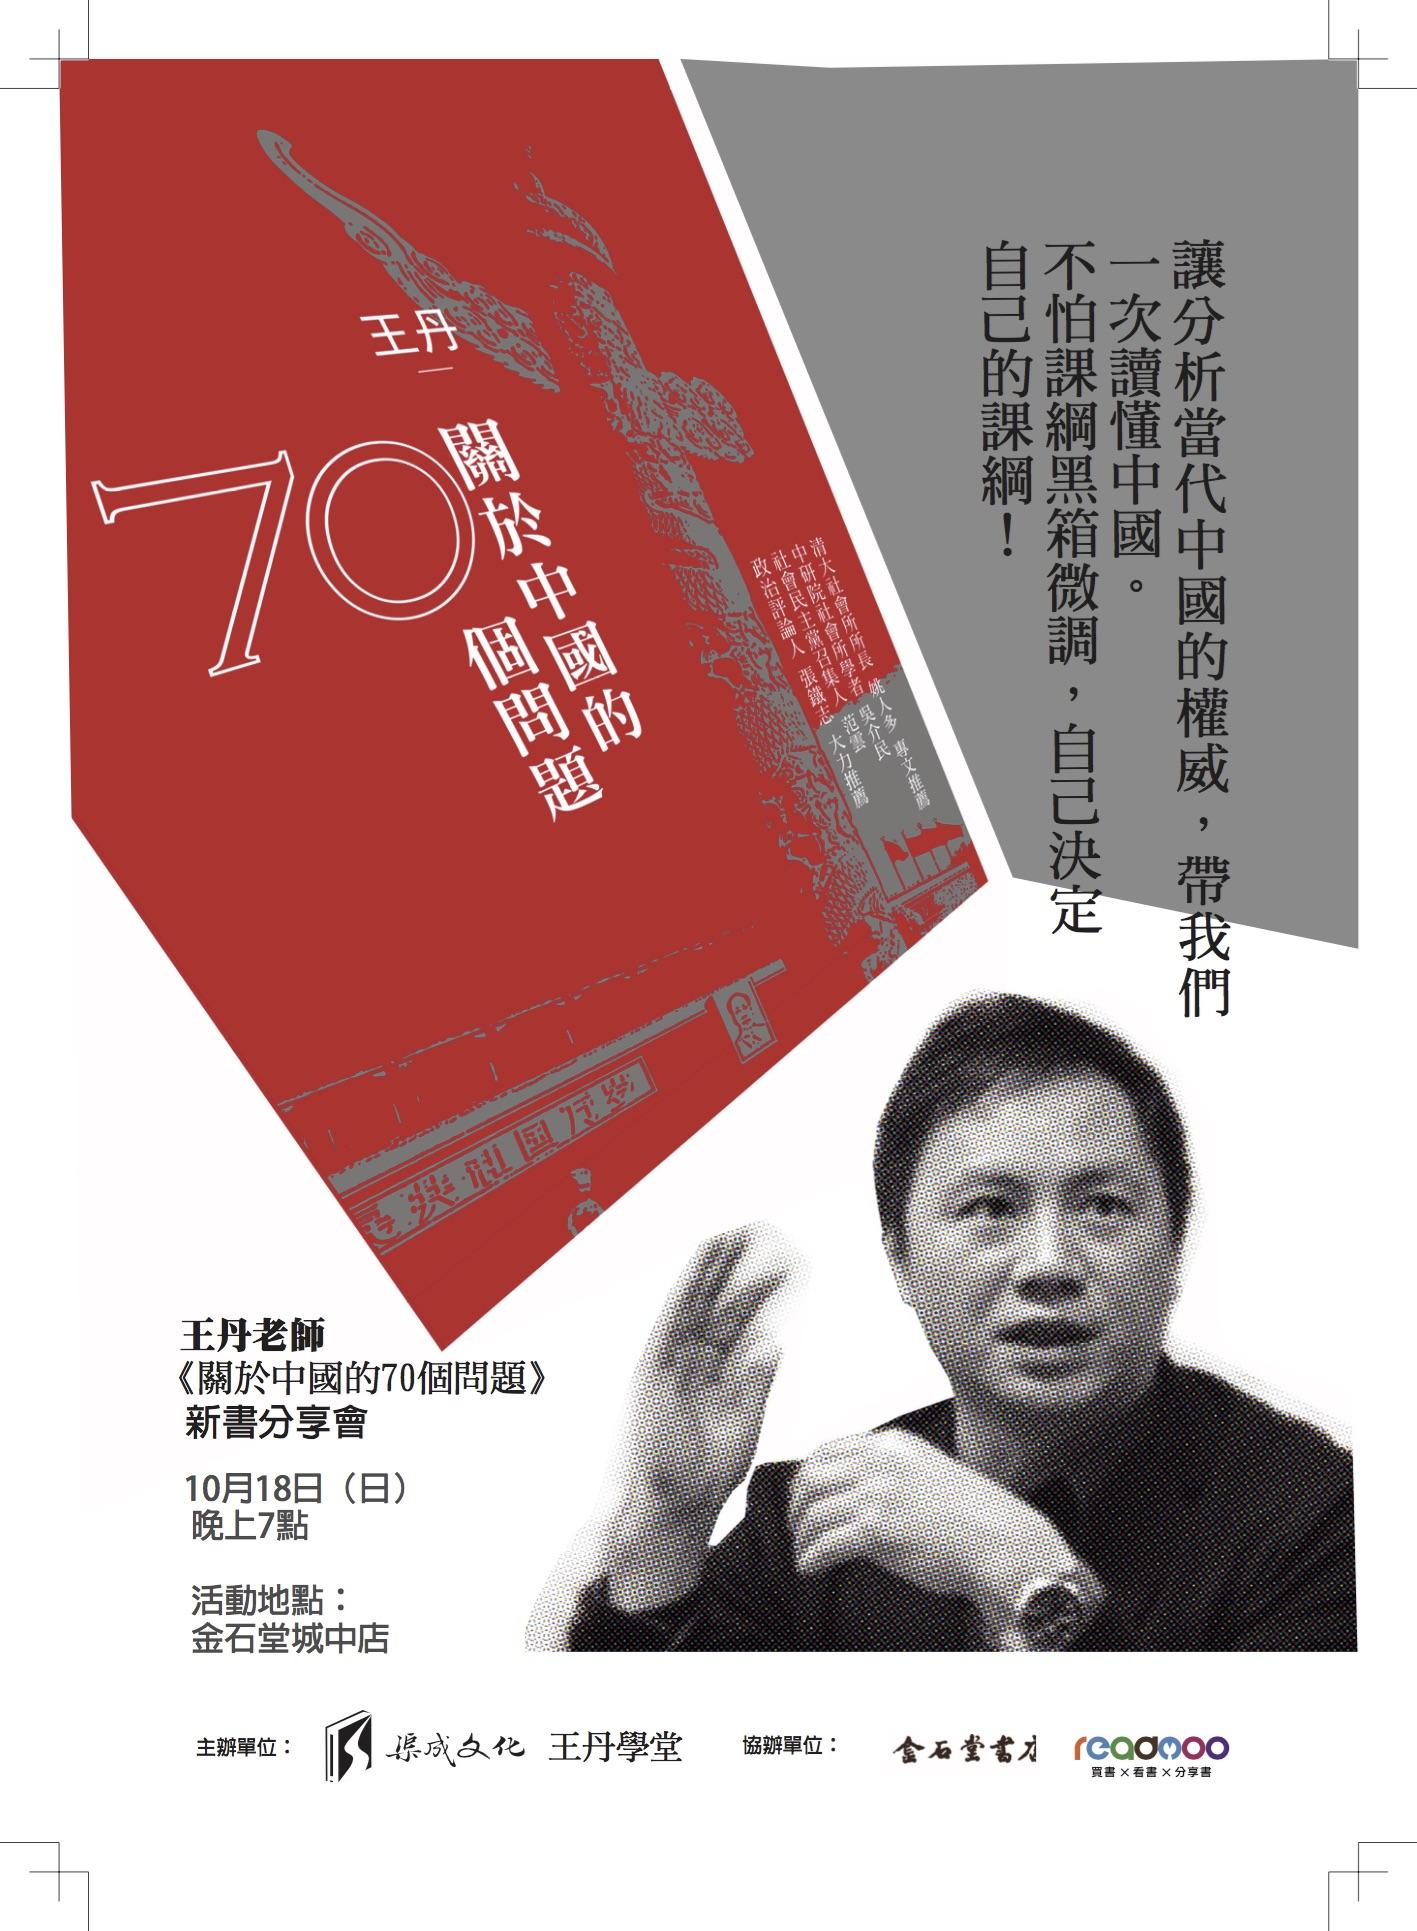 王丹老師新書講座海報